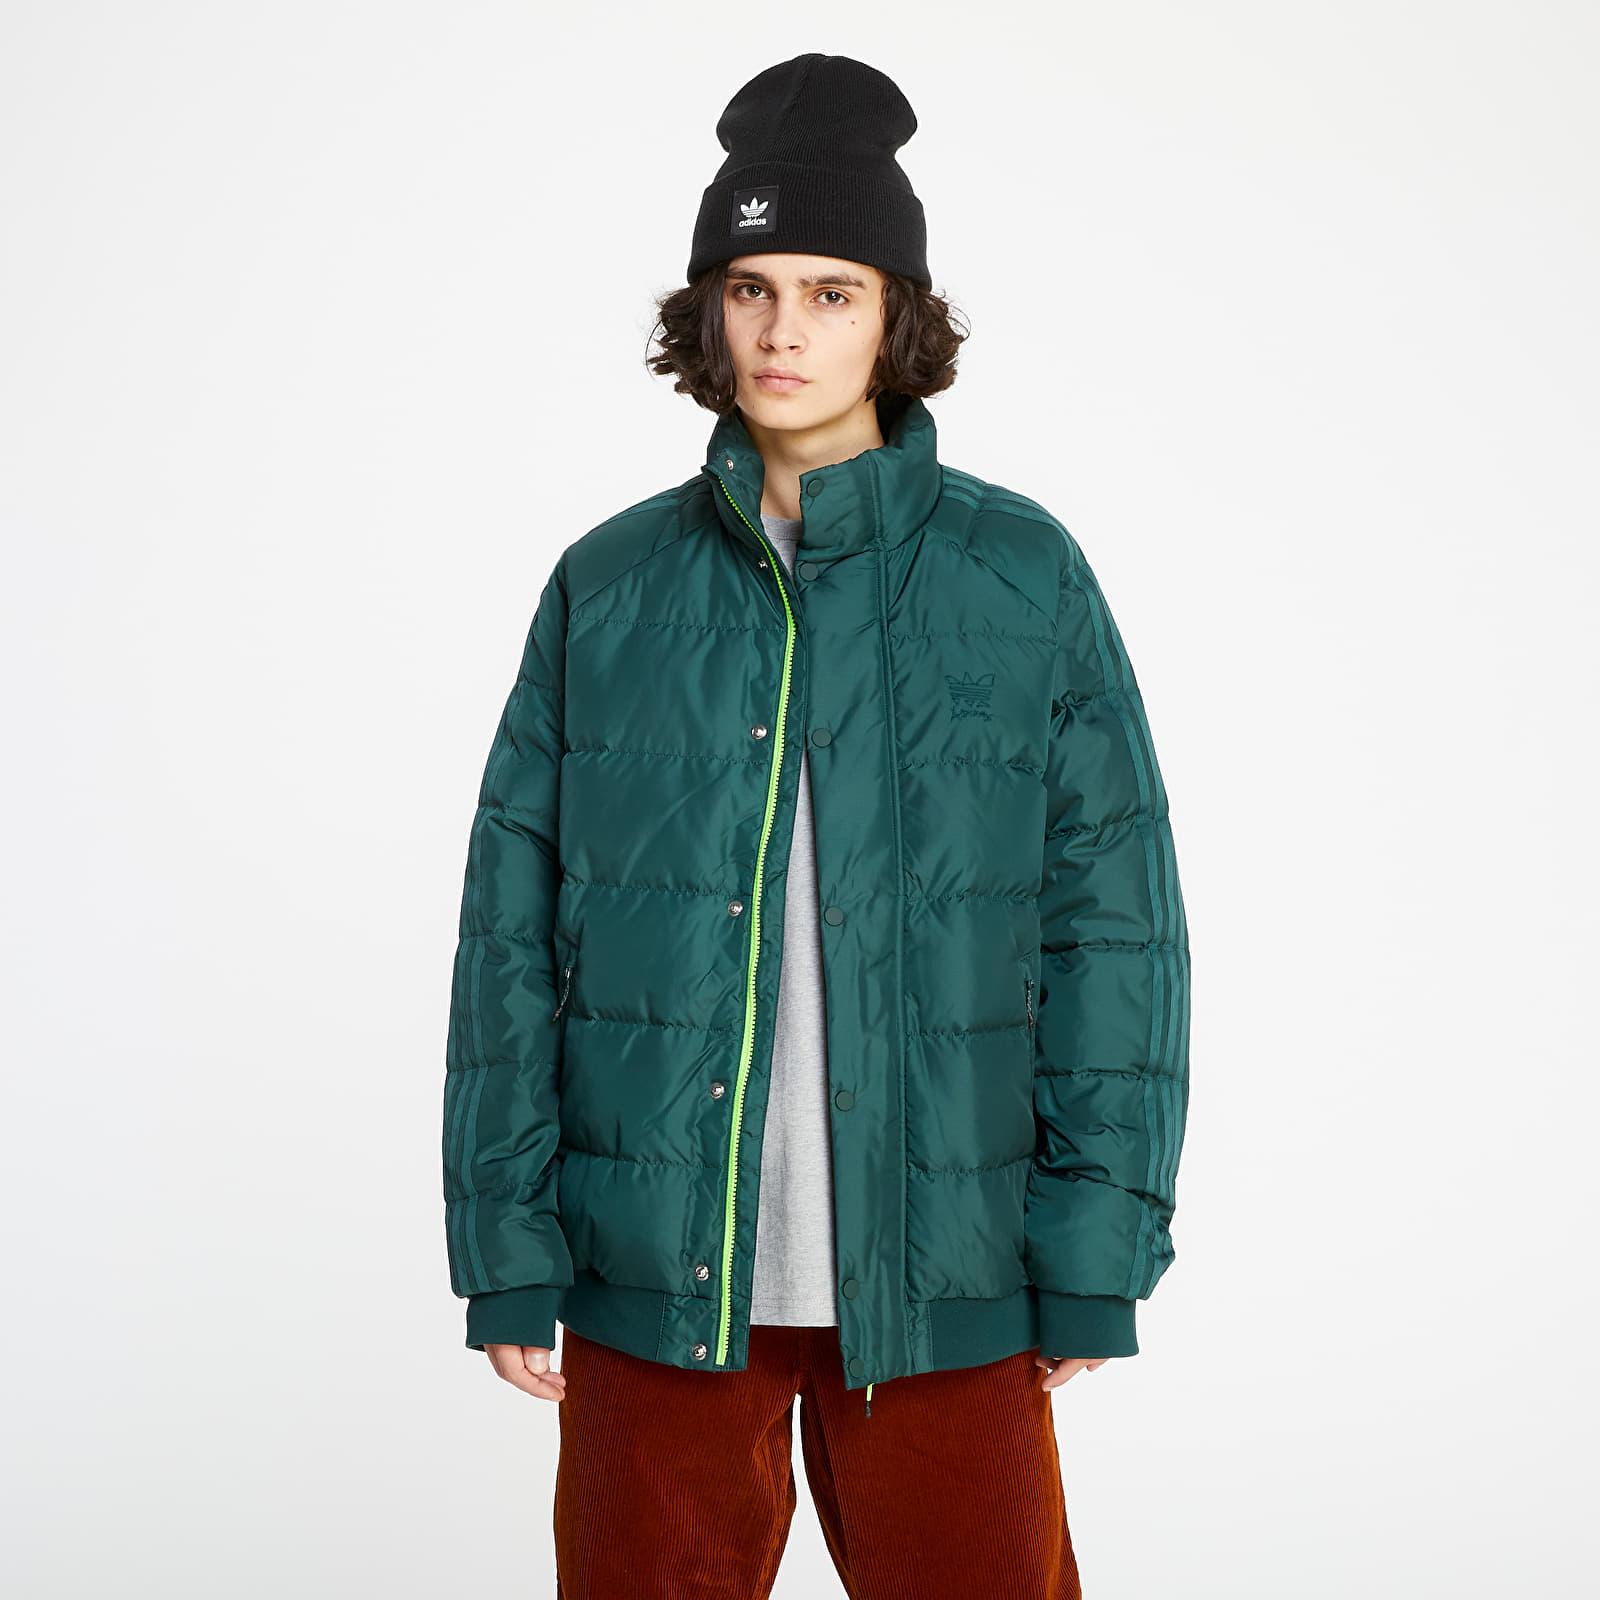 adidas x Jonah Hill Puff Jacket Mineral Green EUR M